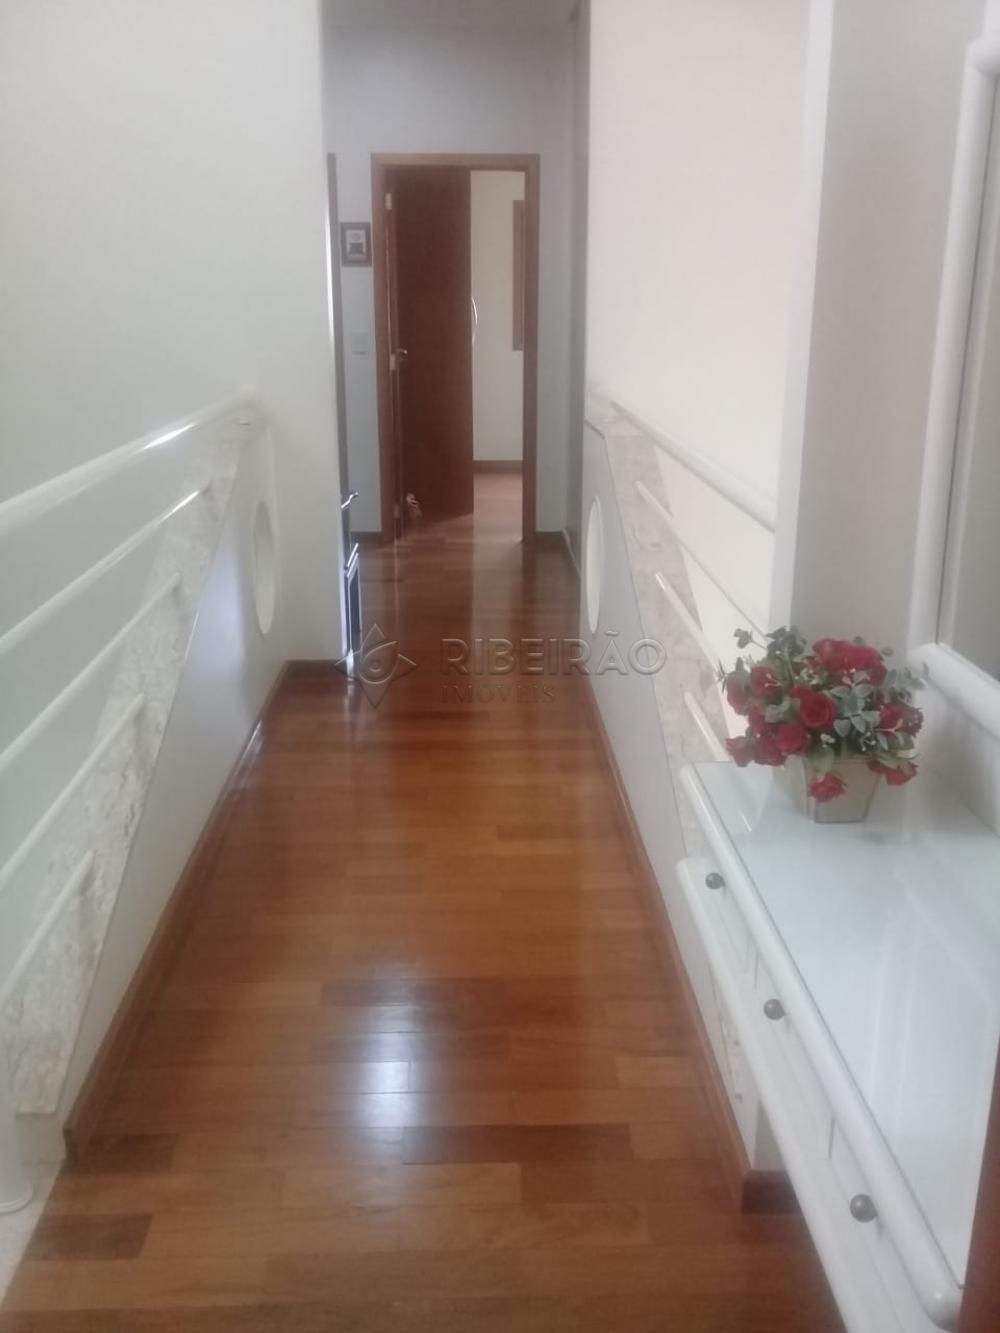 Comprar Casa / Condomínio em Bonfim Paulista apenas R$ 1.330.000,00 - Foto 12